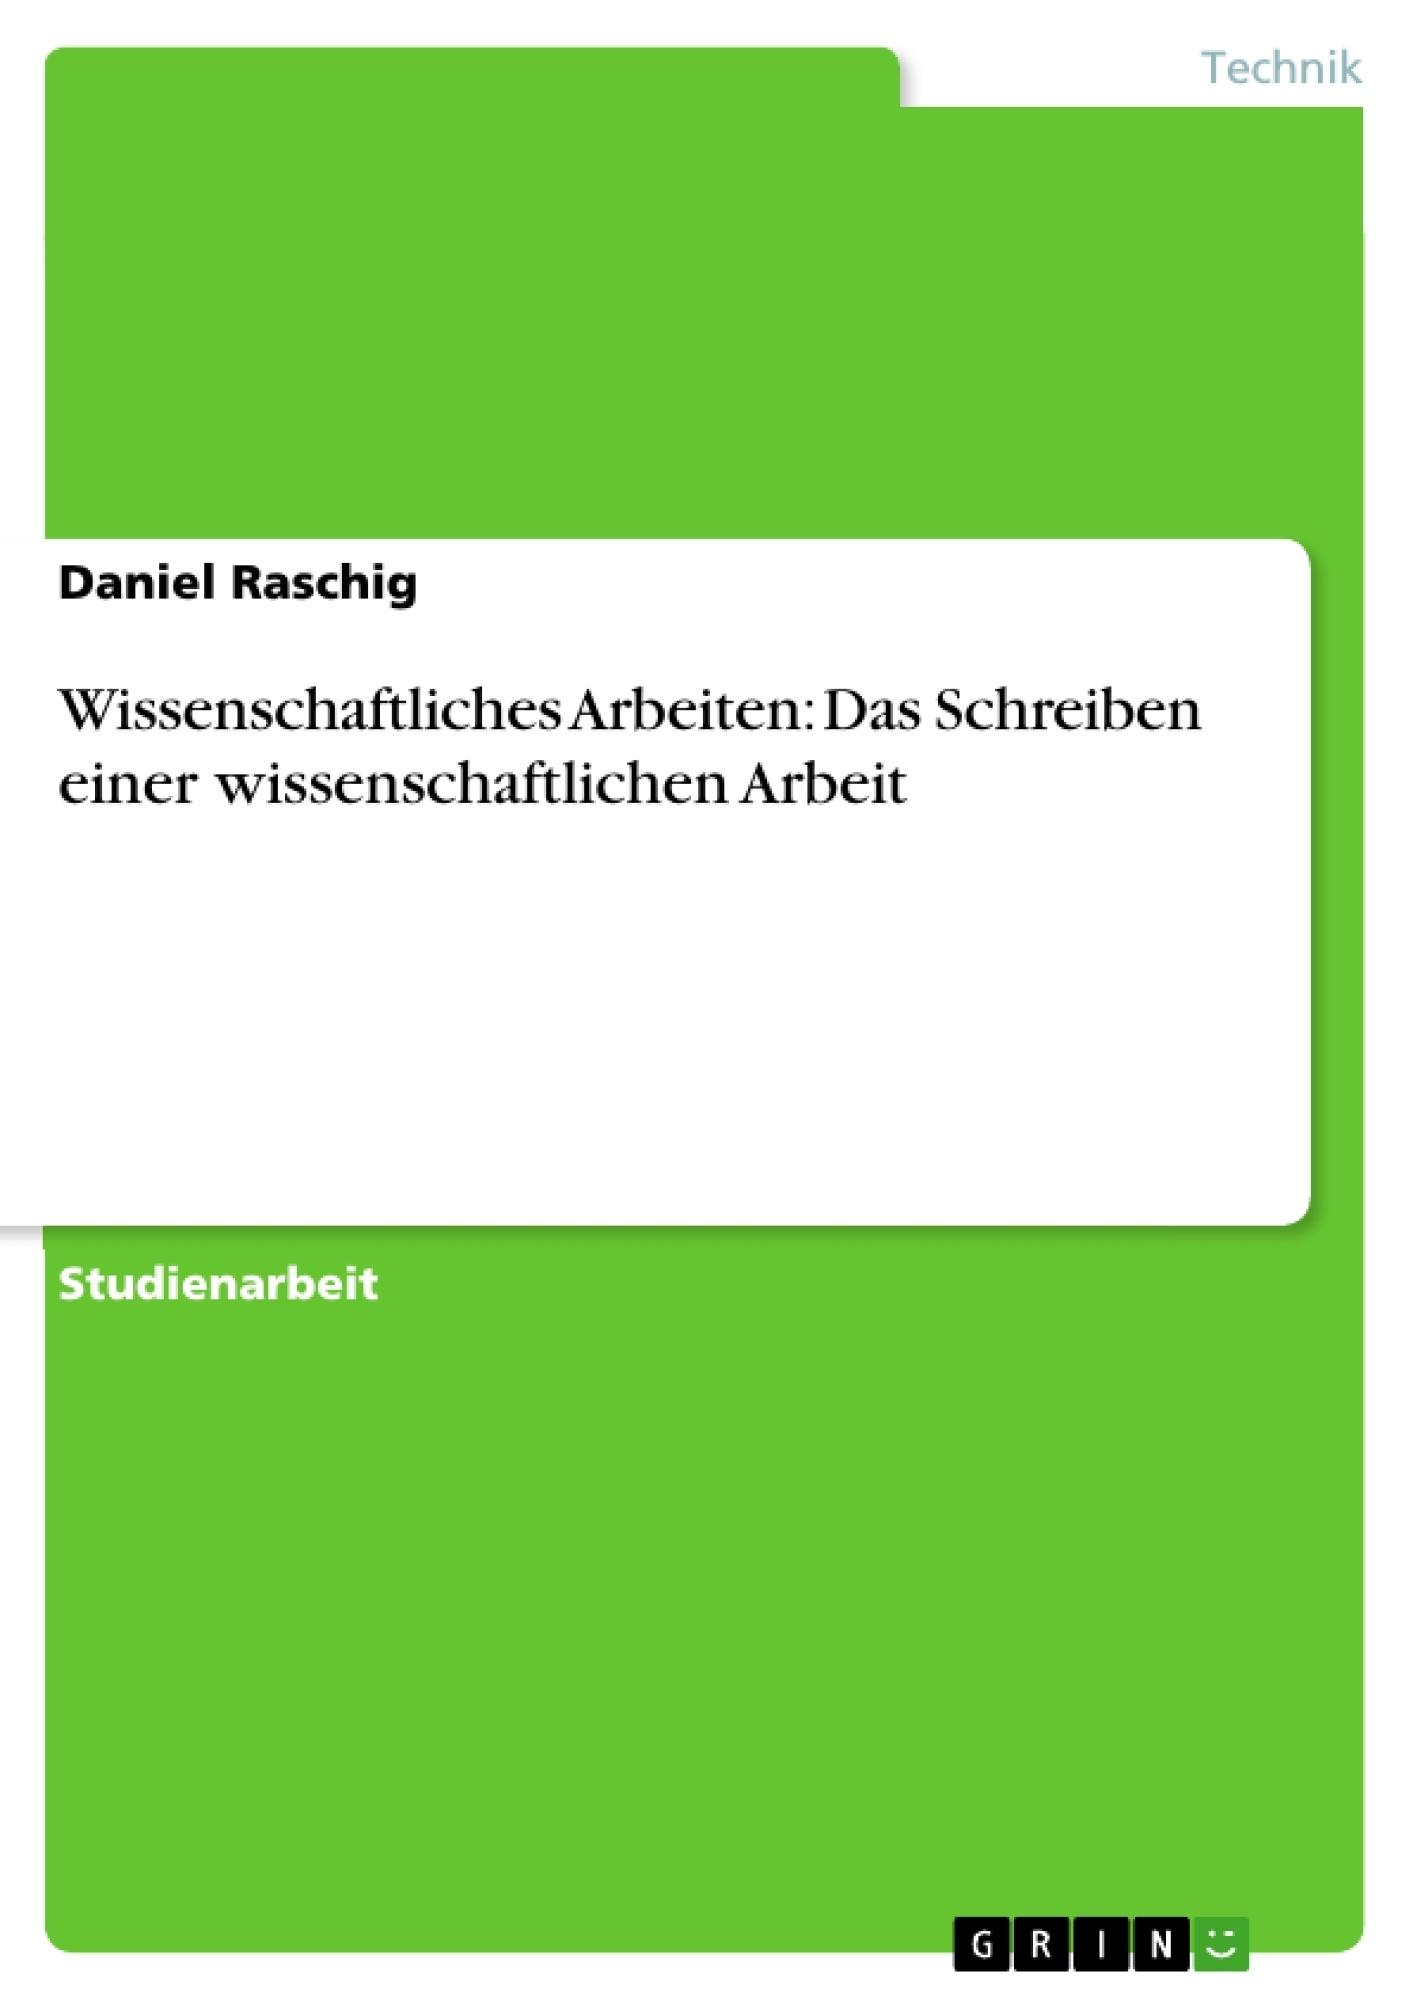 Titel: Wissenschaftliches Arbeiten: Das Schreiben einer wissenschaftlichen Arbeit